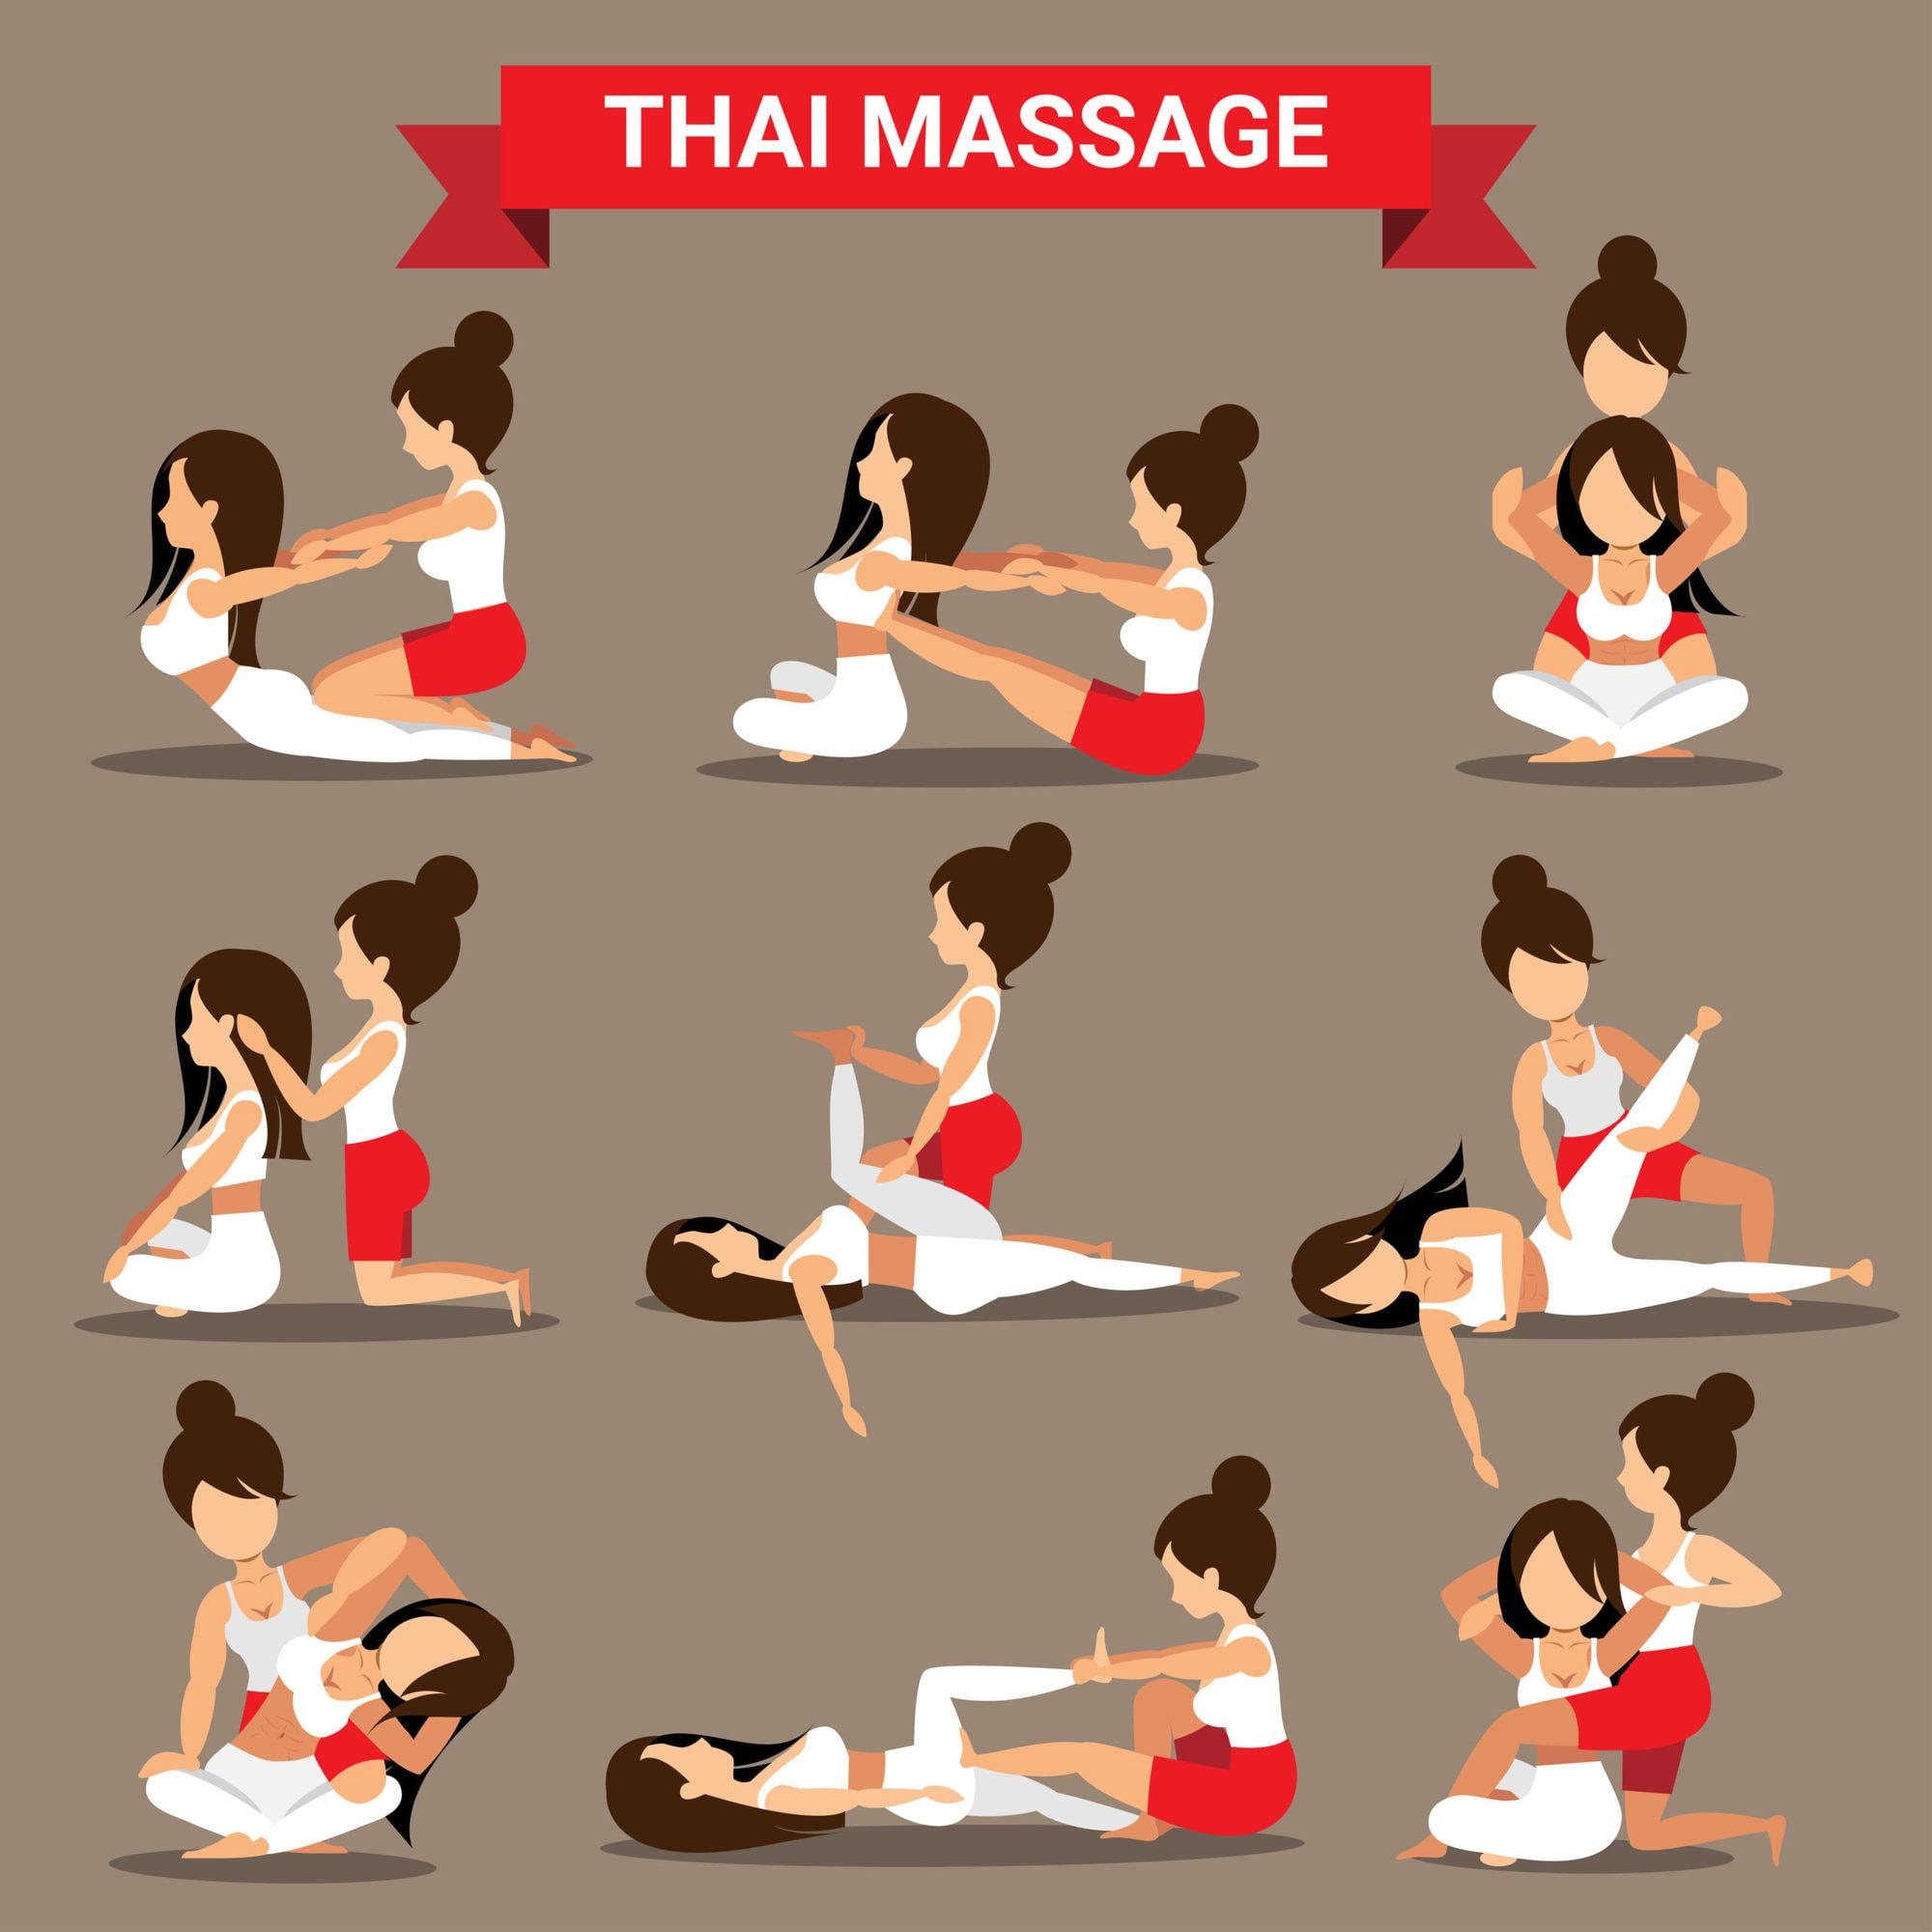 Thai Style Body Massage: 2-days, £275 | Gentle Touch